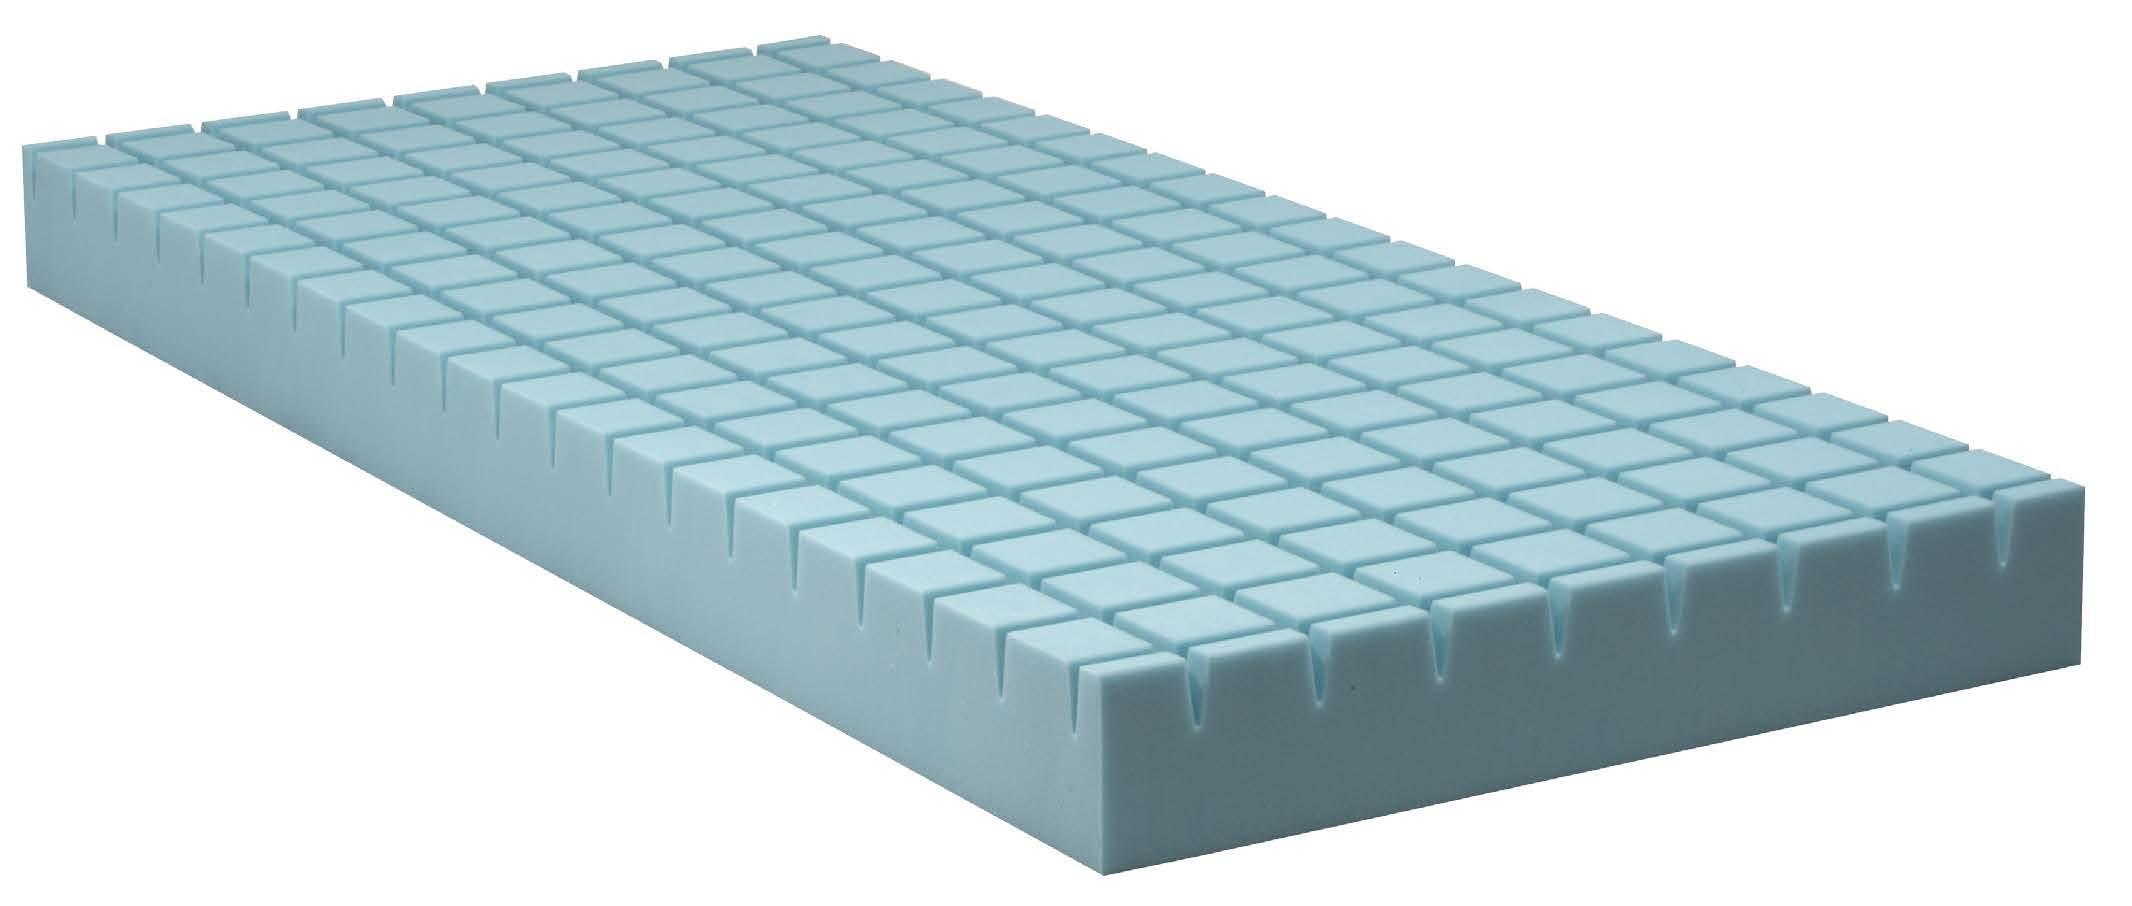 materasso antidecubito del letto da degenza elettrico Termigea LE1-L